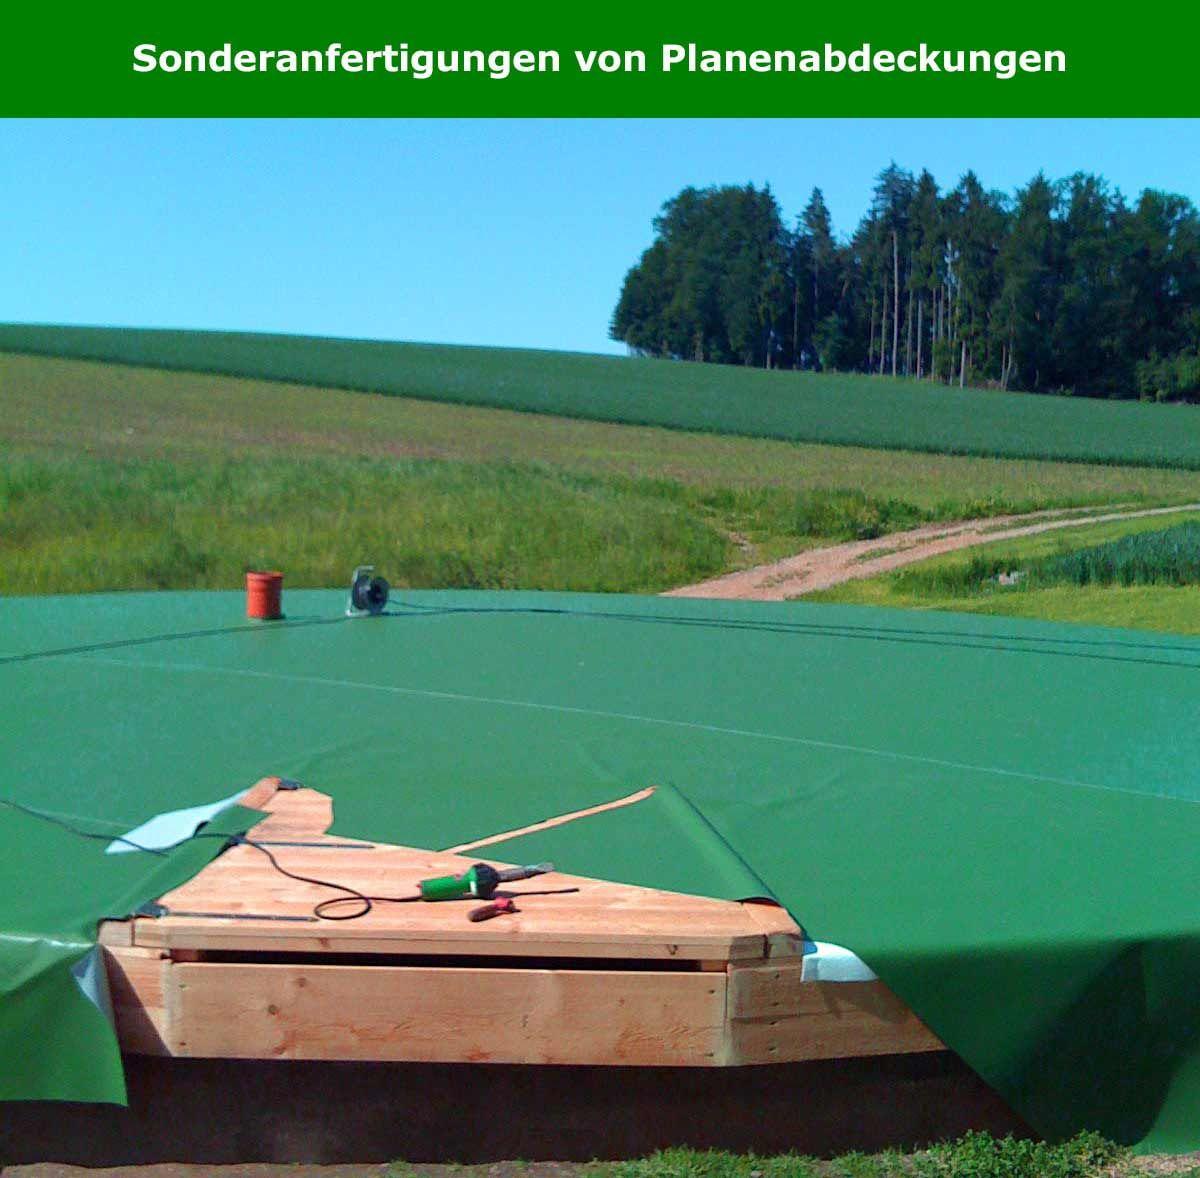 landwirtschaftliche #abdeckplane, ökologische #Plane, abdeckplane ...